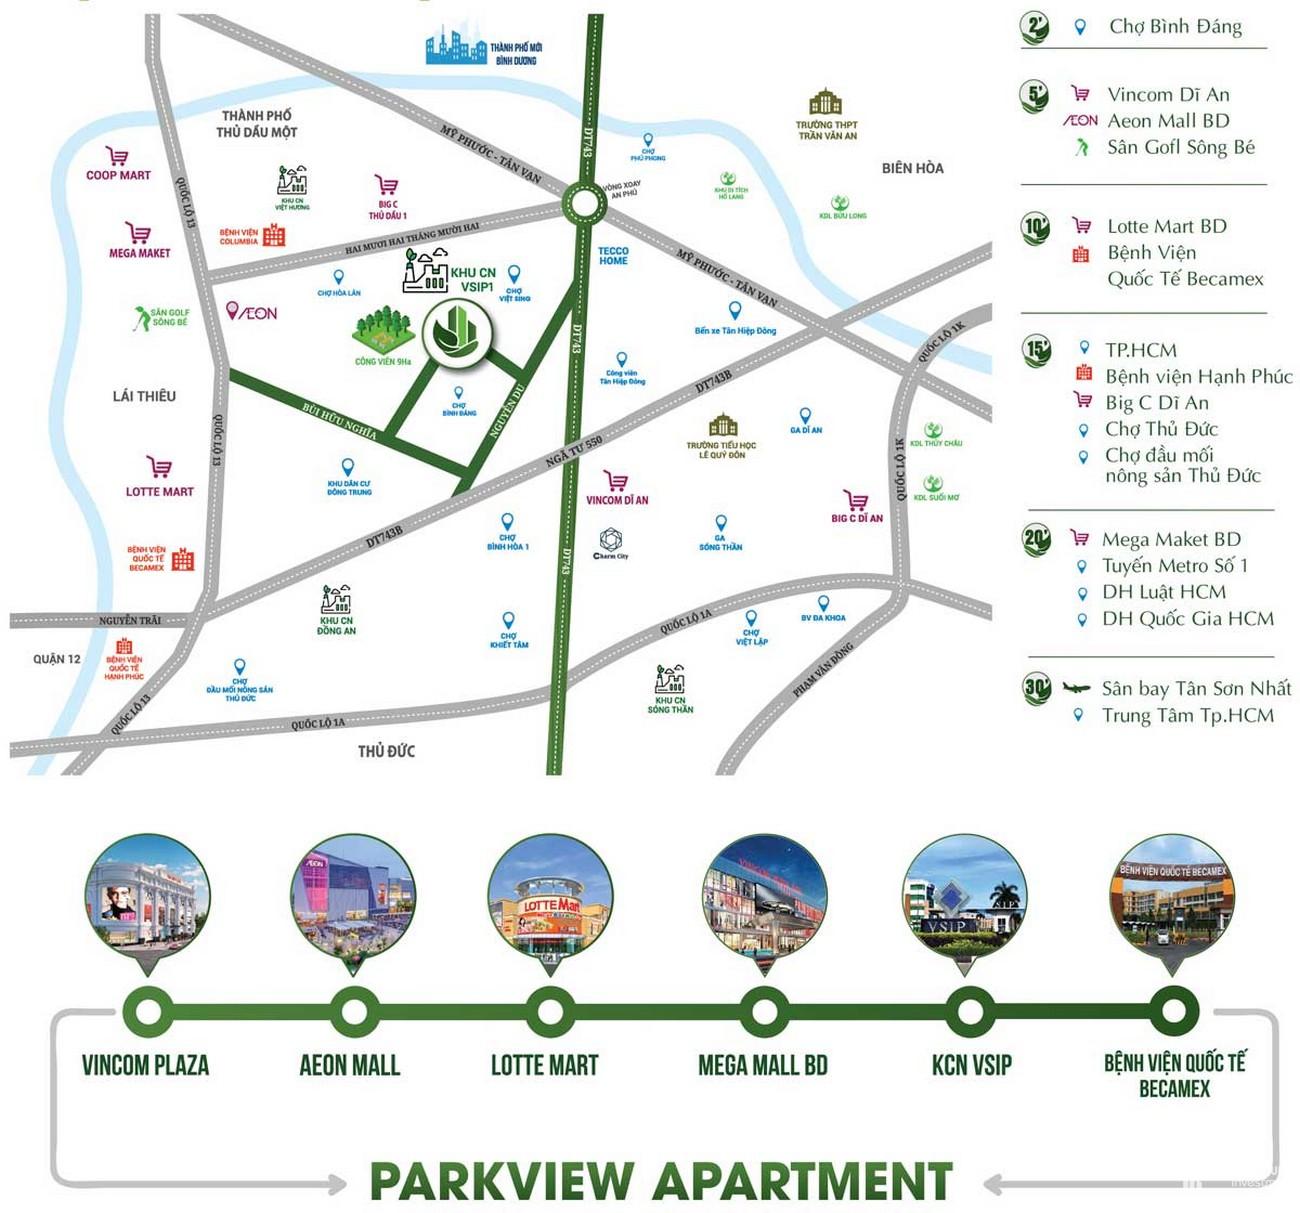 Vị trí địa chỉ dự án căn hộ chung cư Parkview Apartment Thuận An